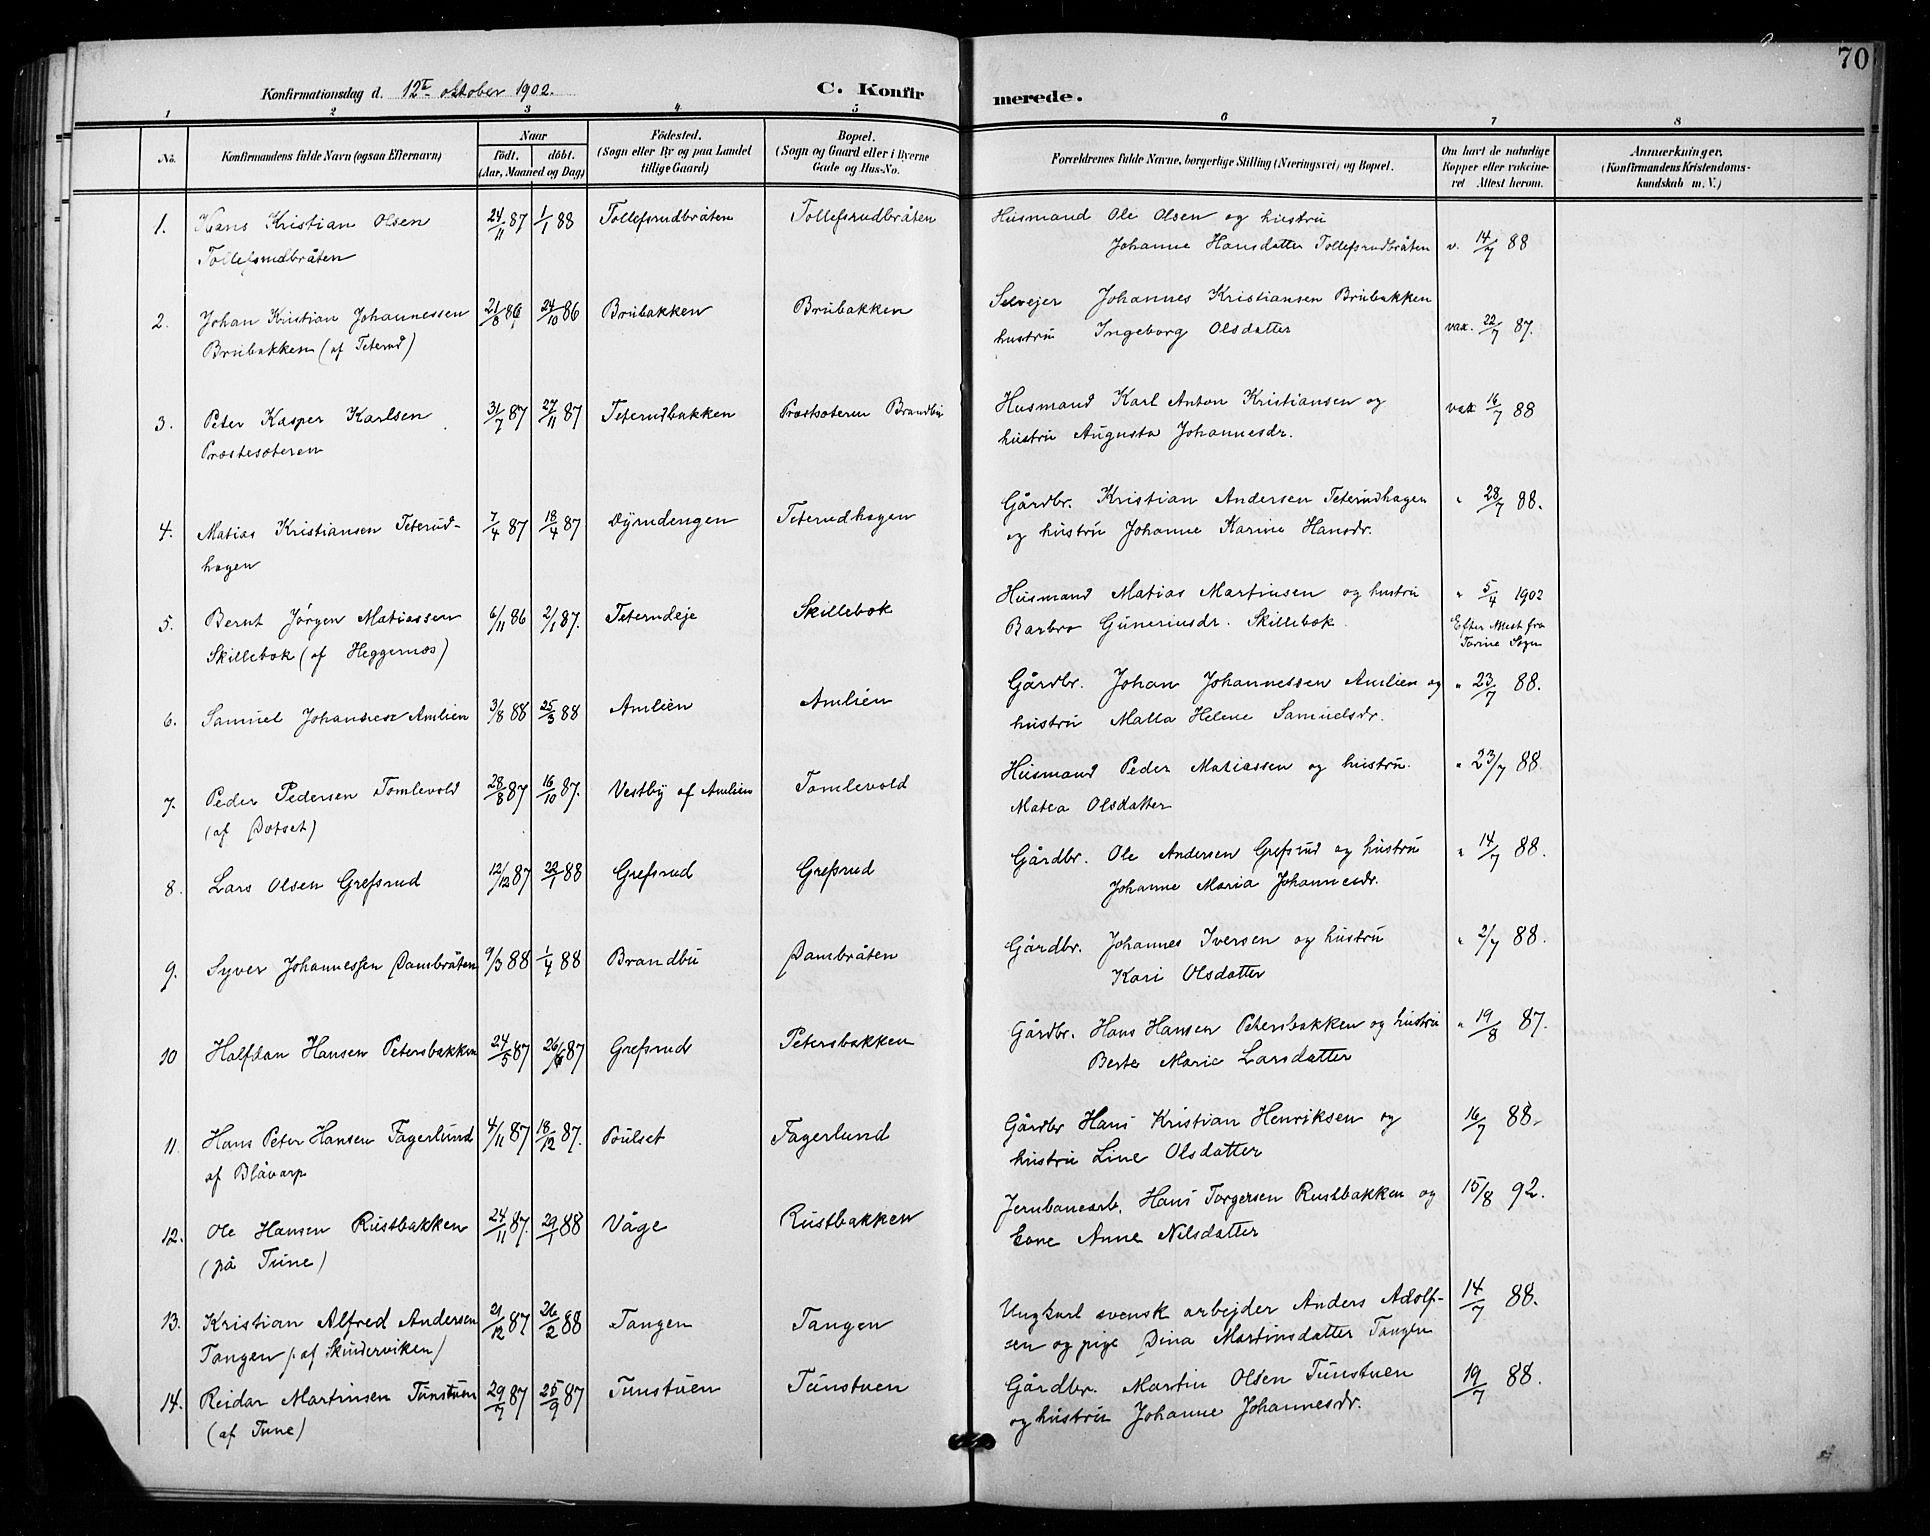 SAH, Vestre Toten prestekontor, H/Ha/Hab/L0016: Klokkerbok nr. 16, 1901-1915, s. 70